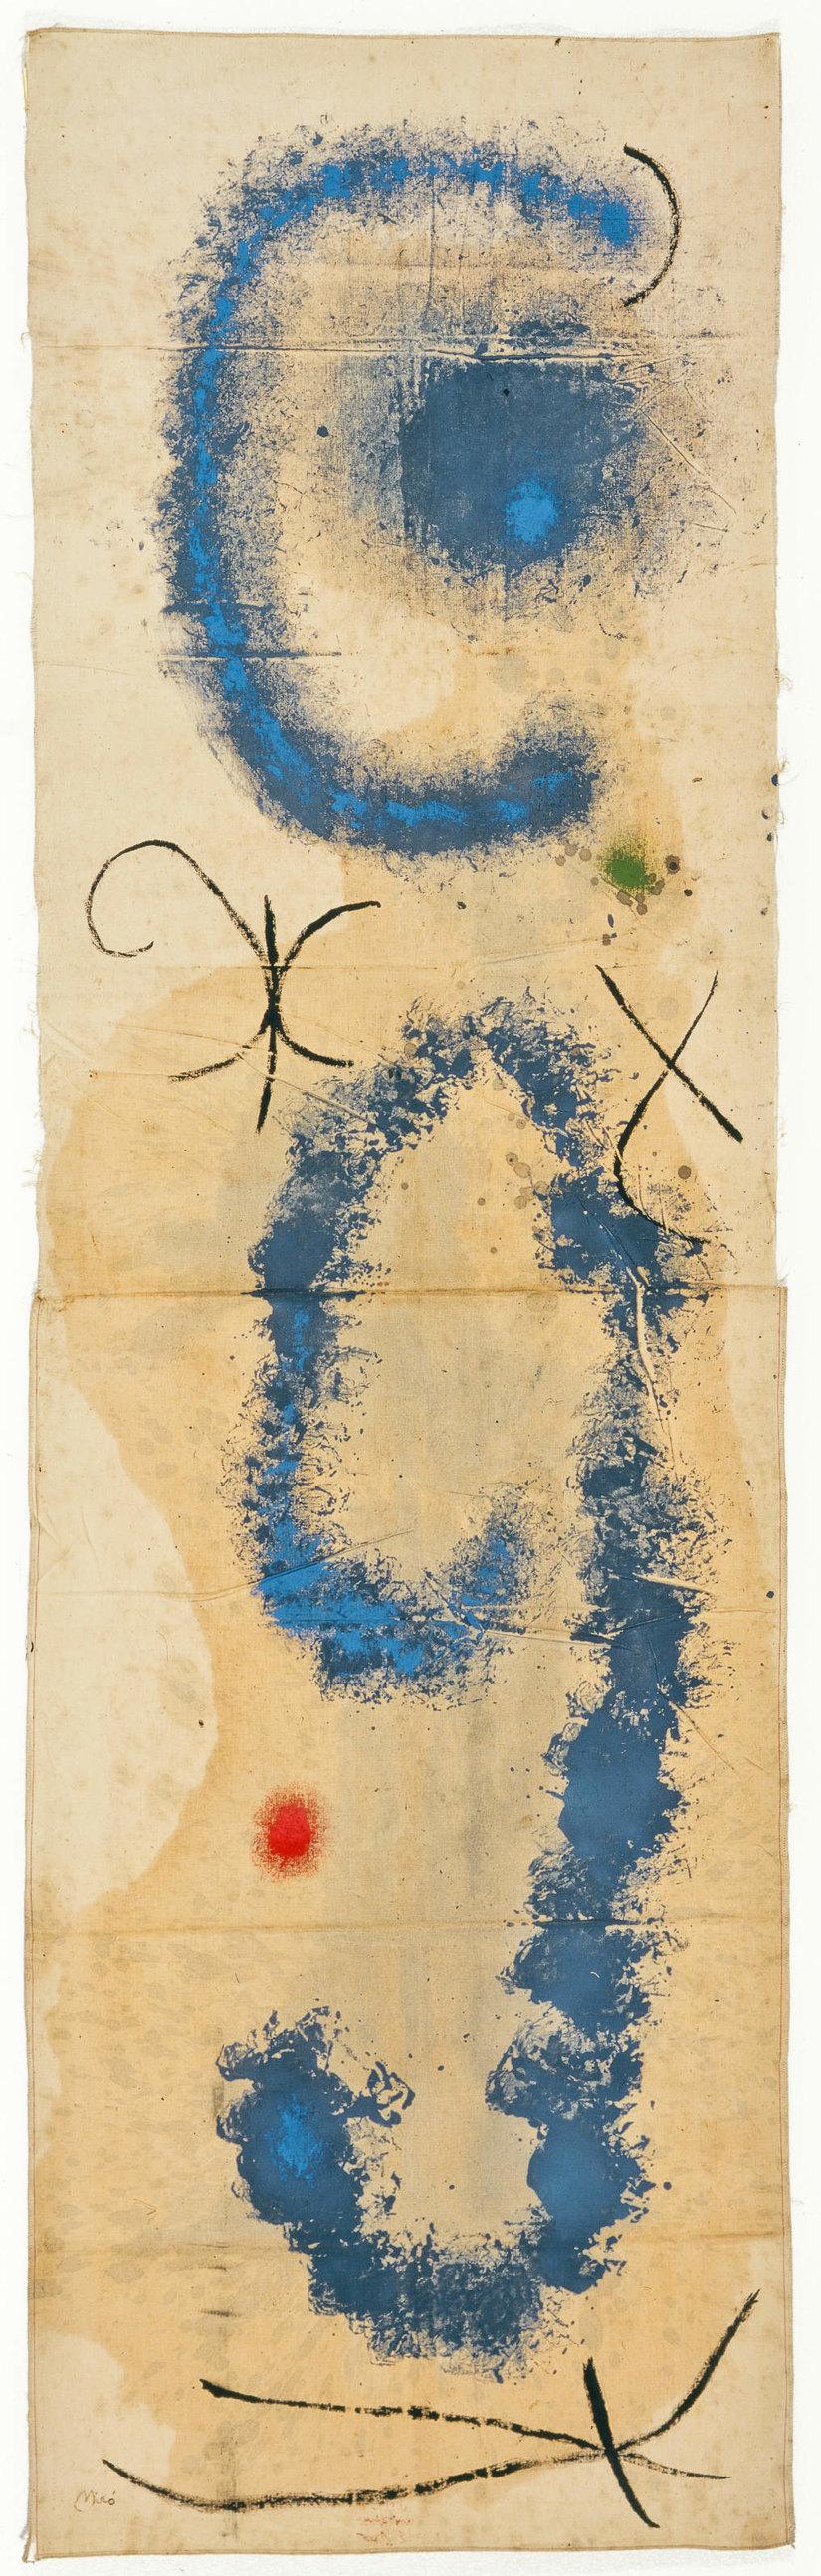 Joan Miró Dipinto , 1962 Olio su stoffa, cm 229 x 67 Collezione privata © Successió Miró by SIAE 2016